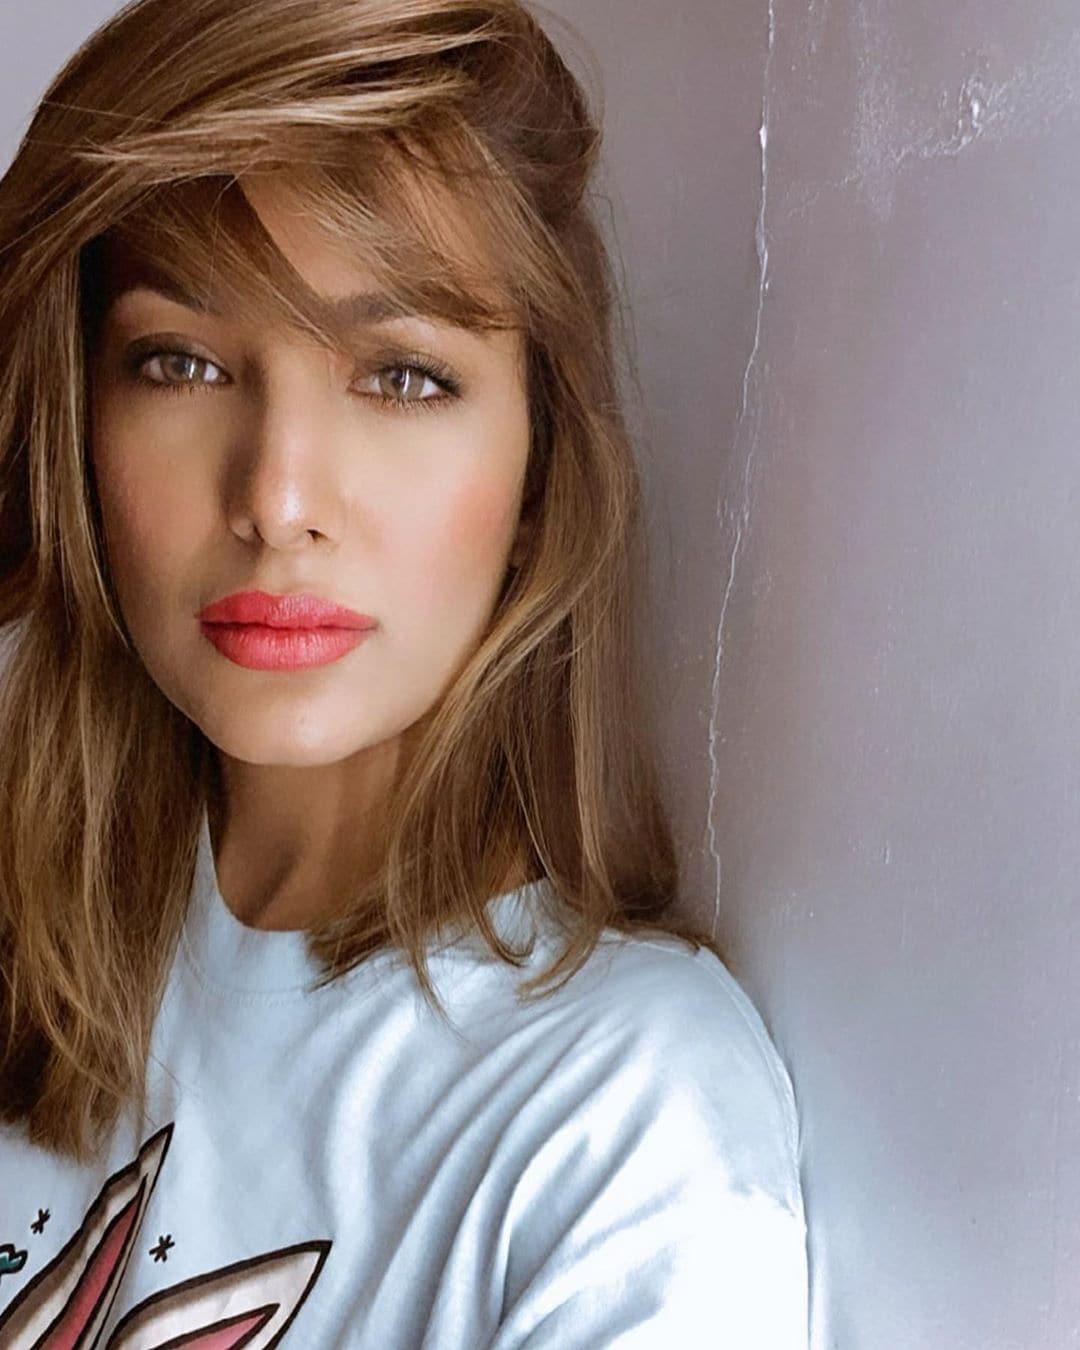 गेल्यावर्षी भारतातही महविश चर्चेत होती, जेव्हा तिने अभिनेत्री आलिया भट्टच्या पहिल्या पंजाबी म्युझिक व्हिडीओ प्राडाहे पाकिस्तानी गाणं असून तेचोरल्याचं ती म्हणाली होती.